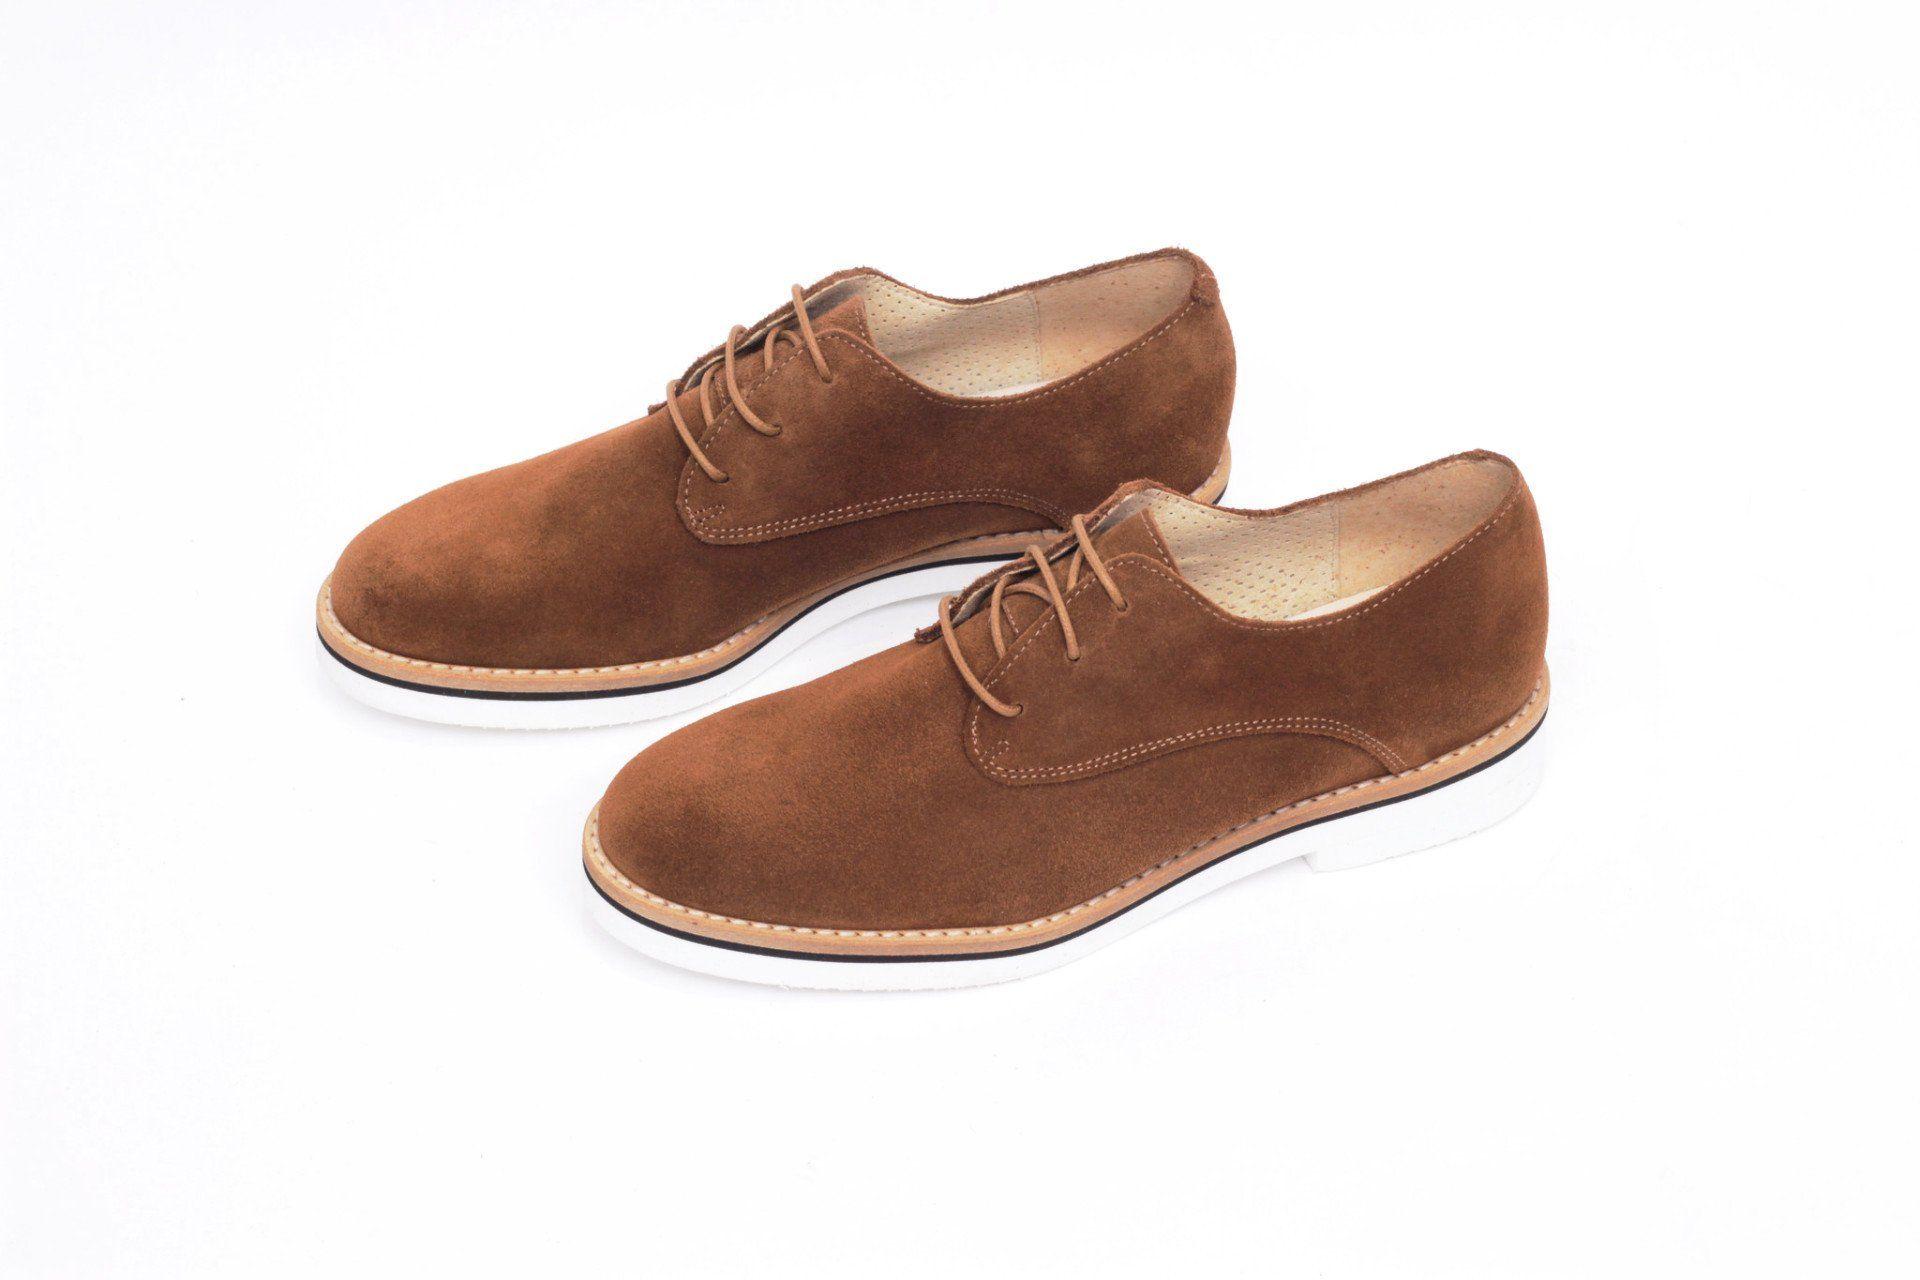 56eaad7b miMaO Blucher Insta Cuero–zapato mujer plano cómodo marrón piel ante -  Comfort women's flat